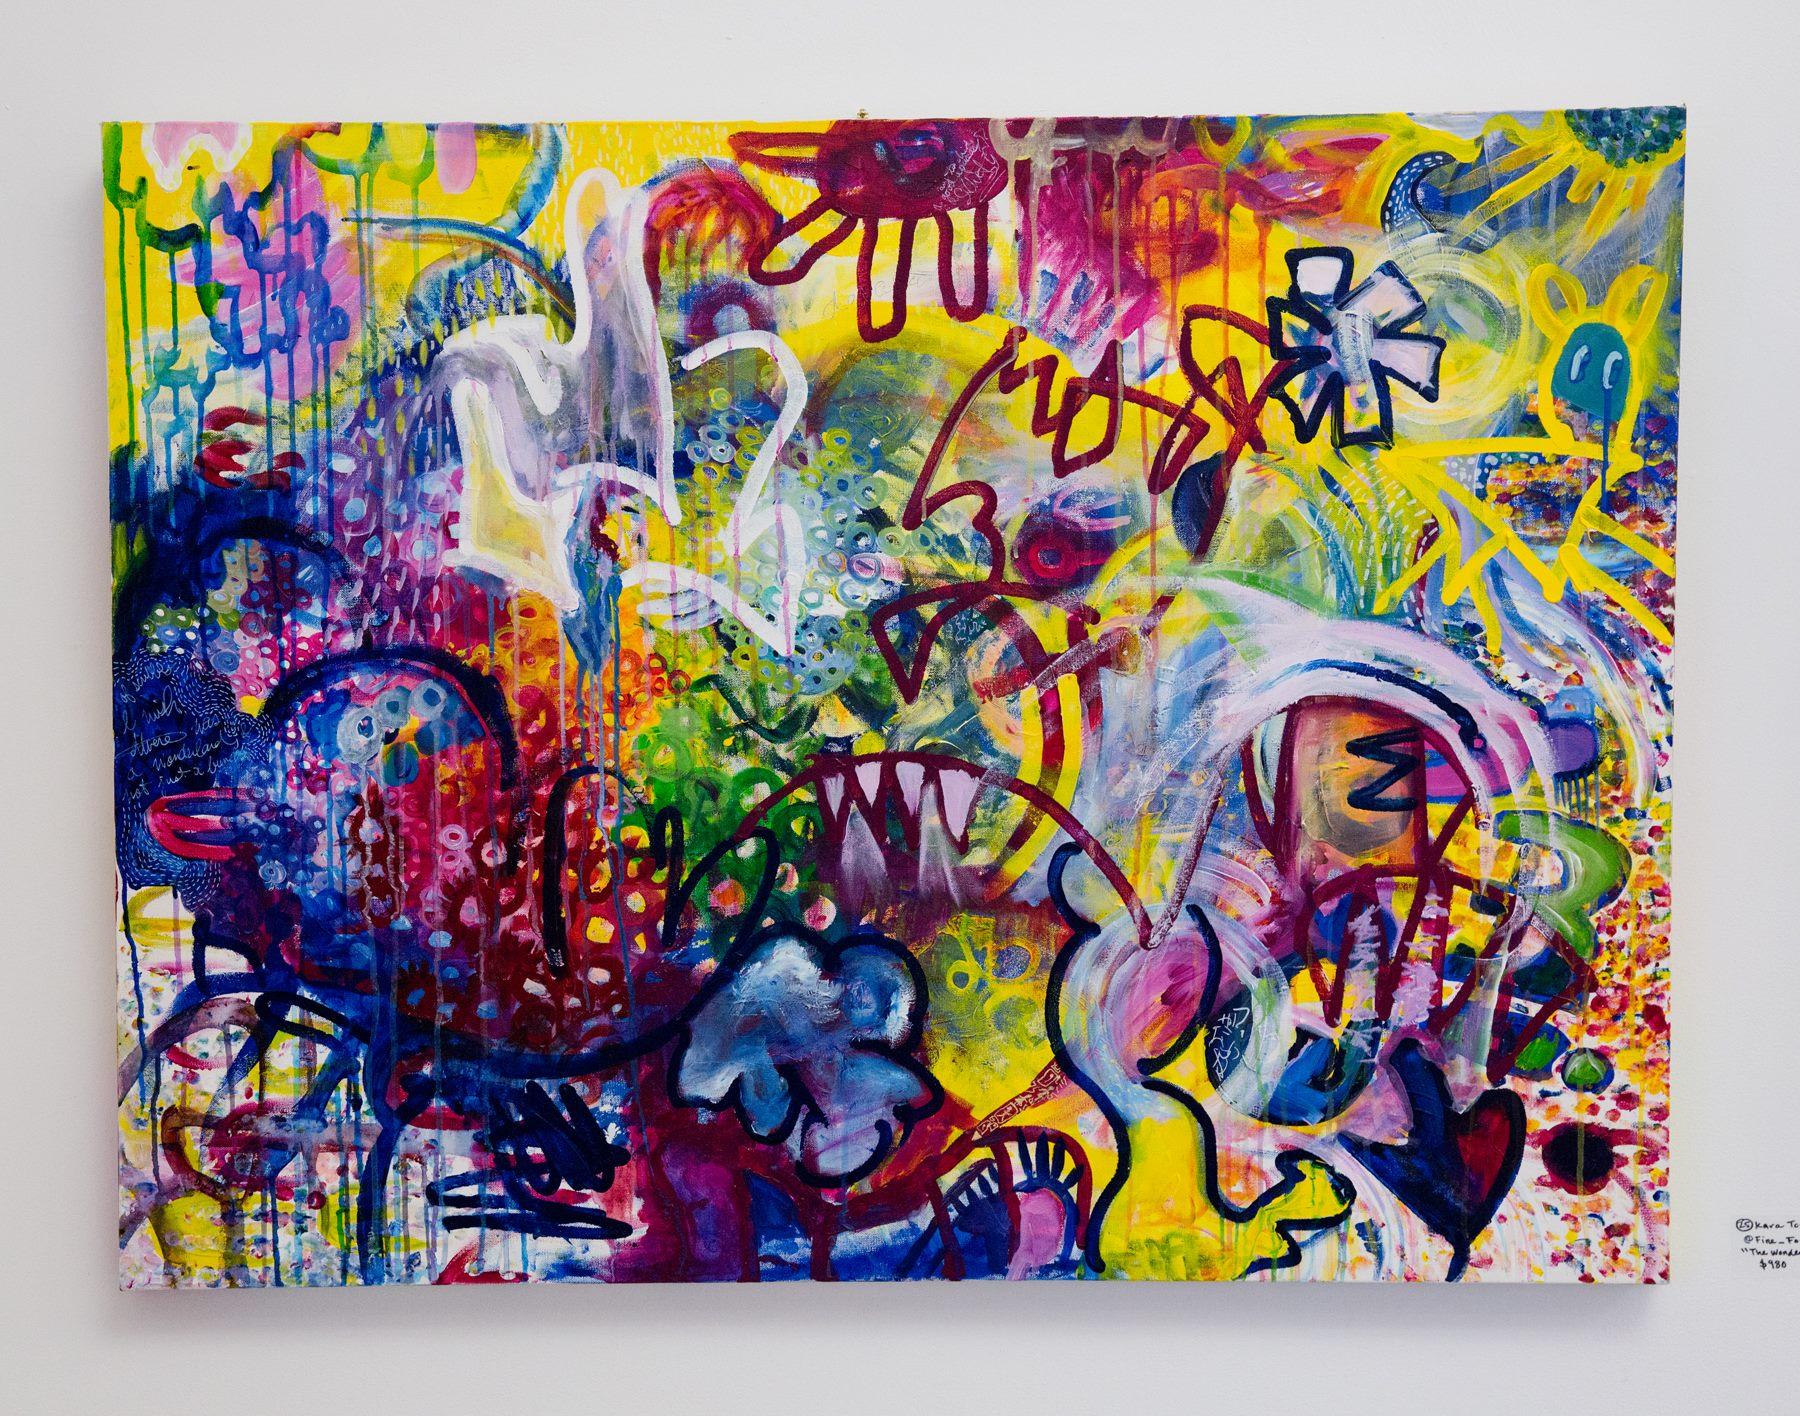 """Kara Torres - """"The Wonderful Garden"""" For Sale: $980 Insta: @Fine_Forager"""